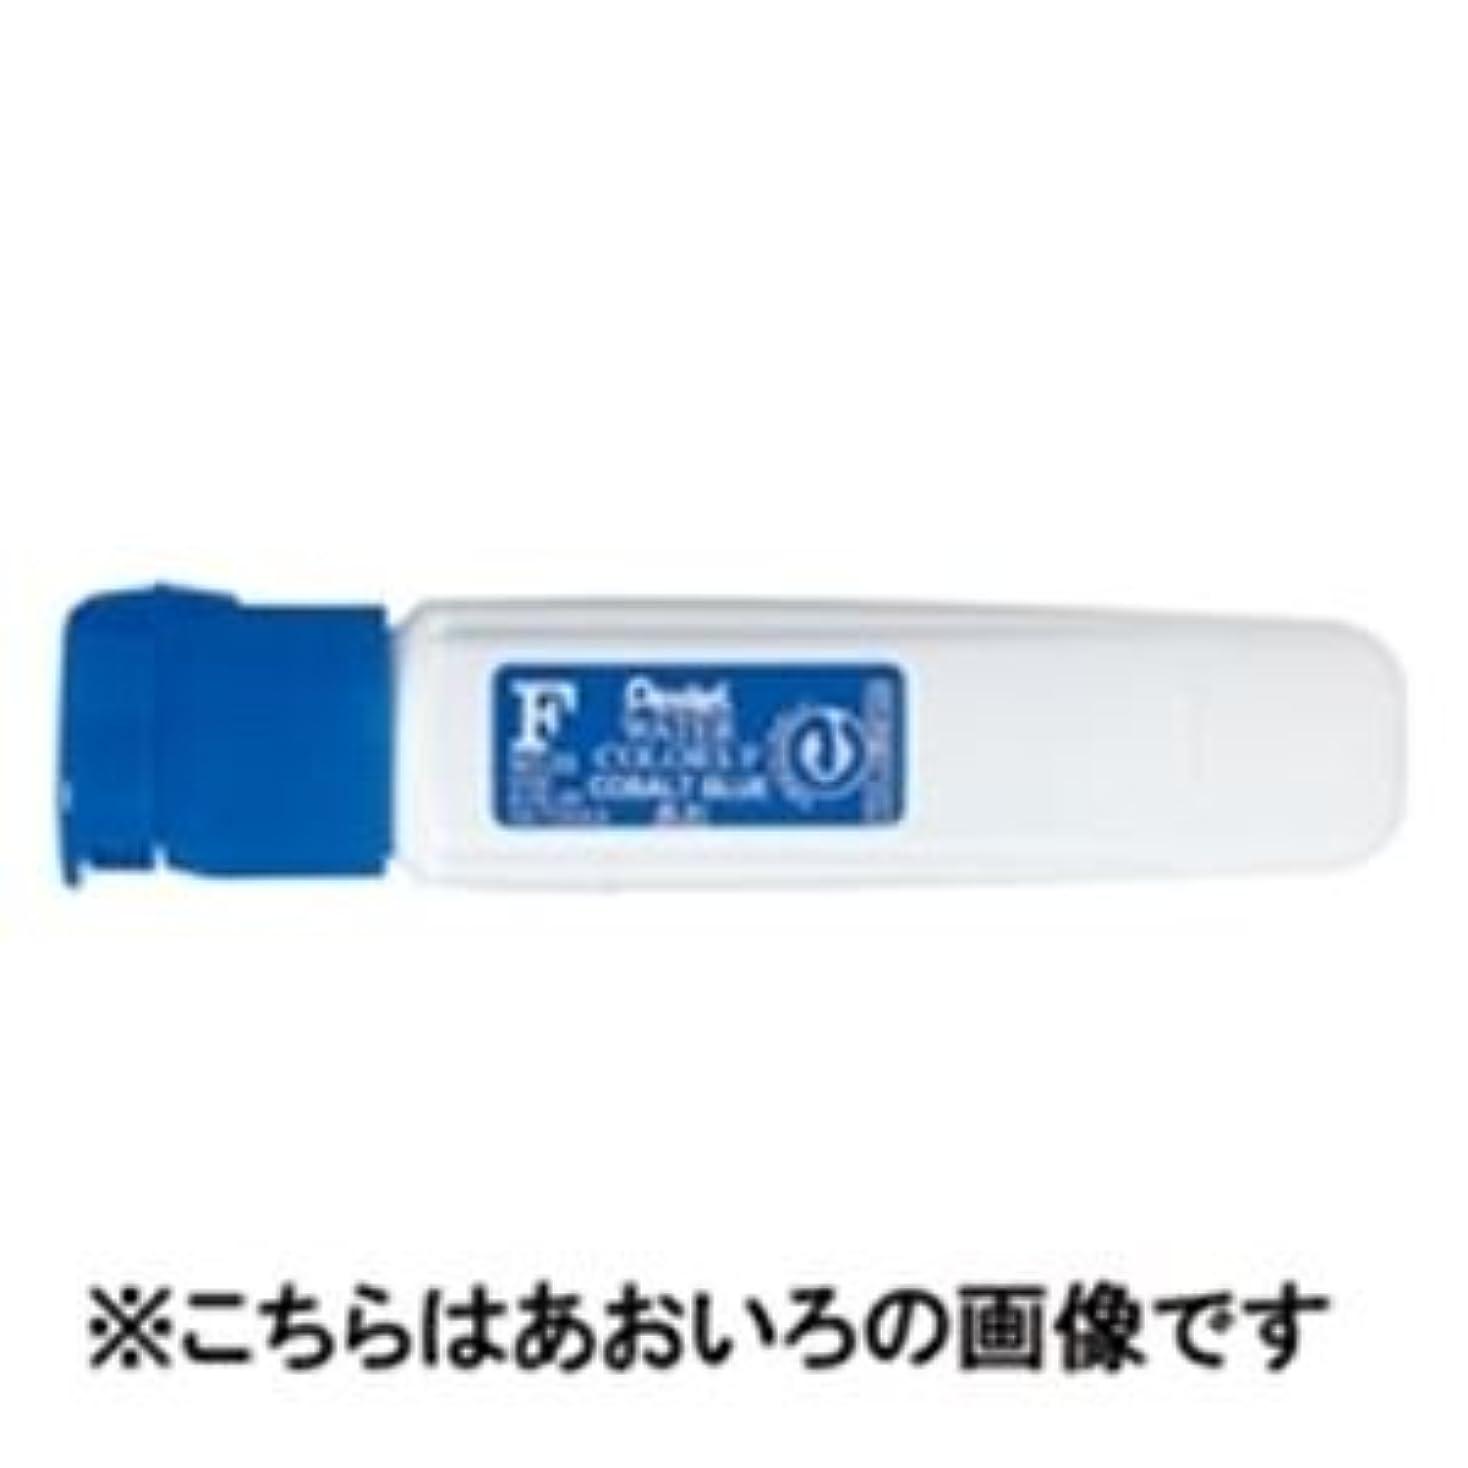 スロットロックバー( お徳用 300セット ) ぺんてる エフ水彩 ポリチューブ WFCT13 紫